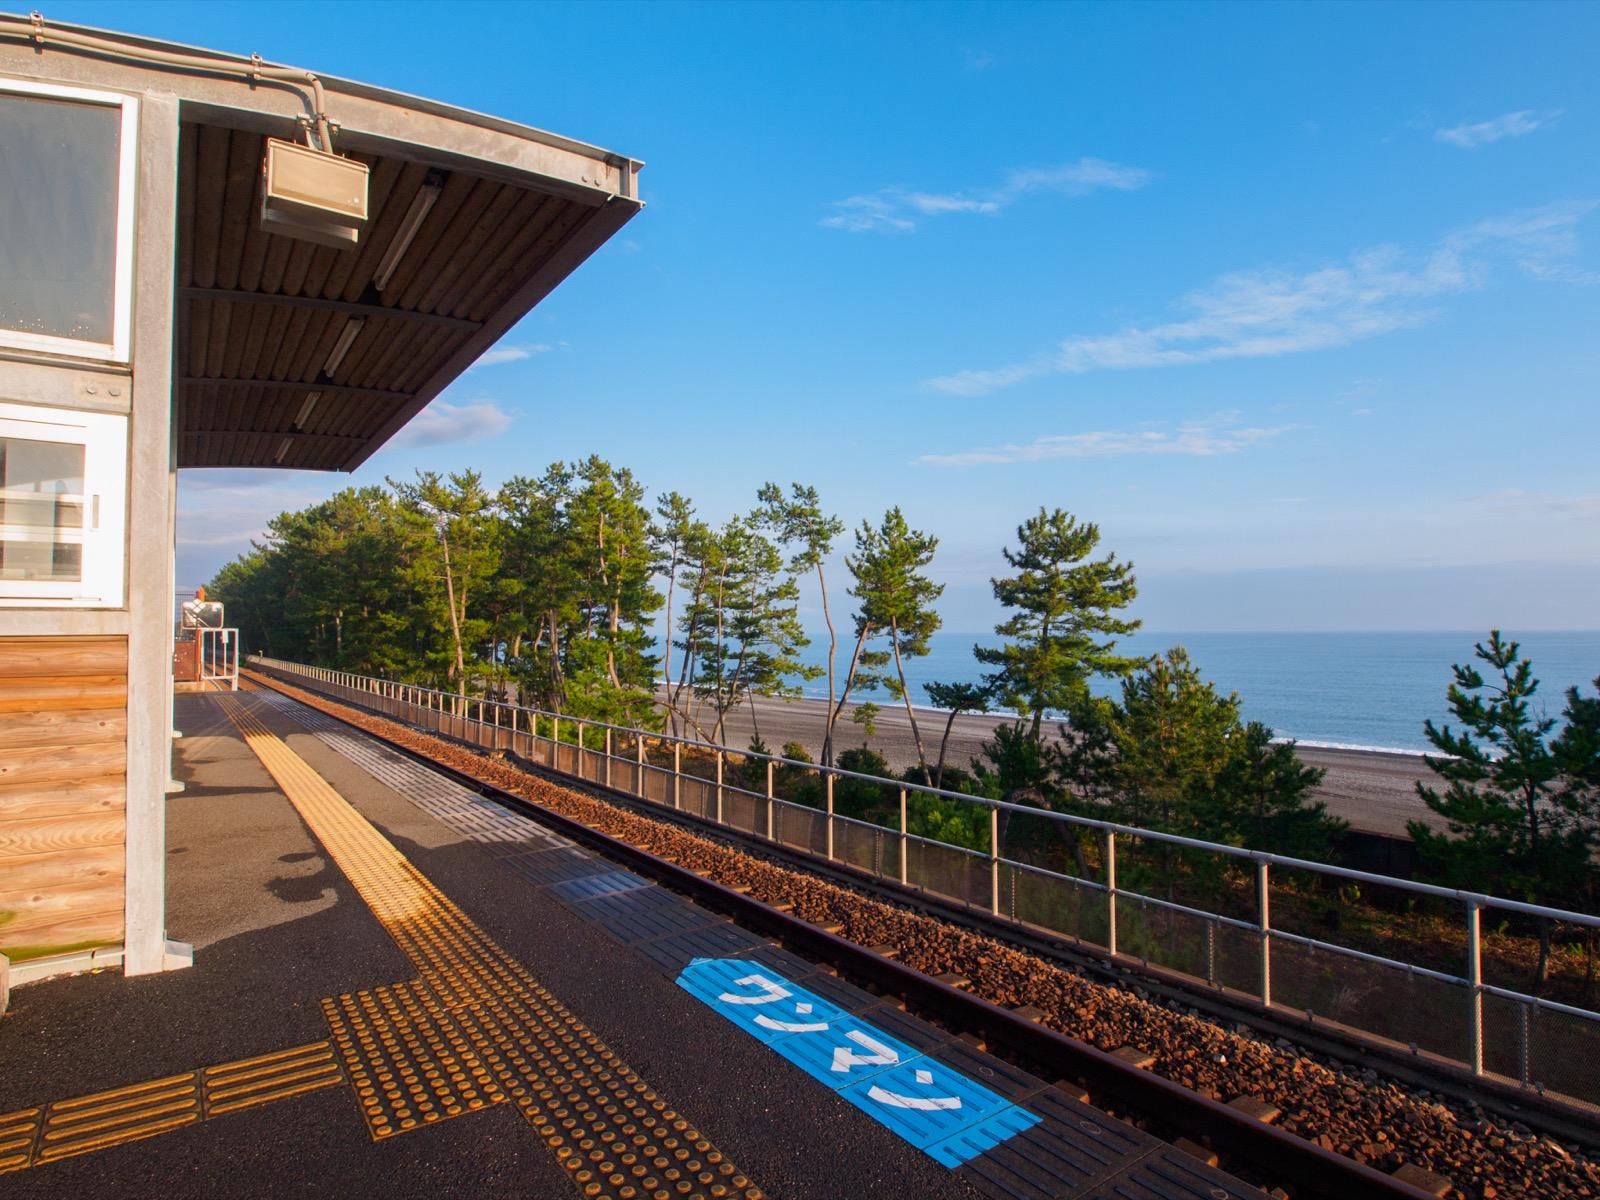 西分駅から見える土佐湾と琴ヶ浜